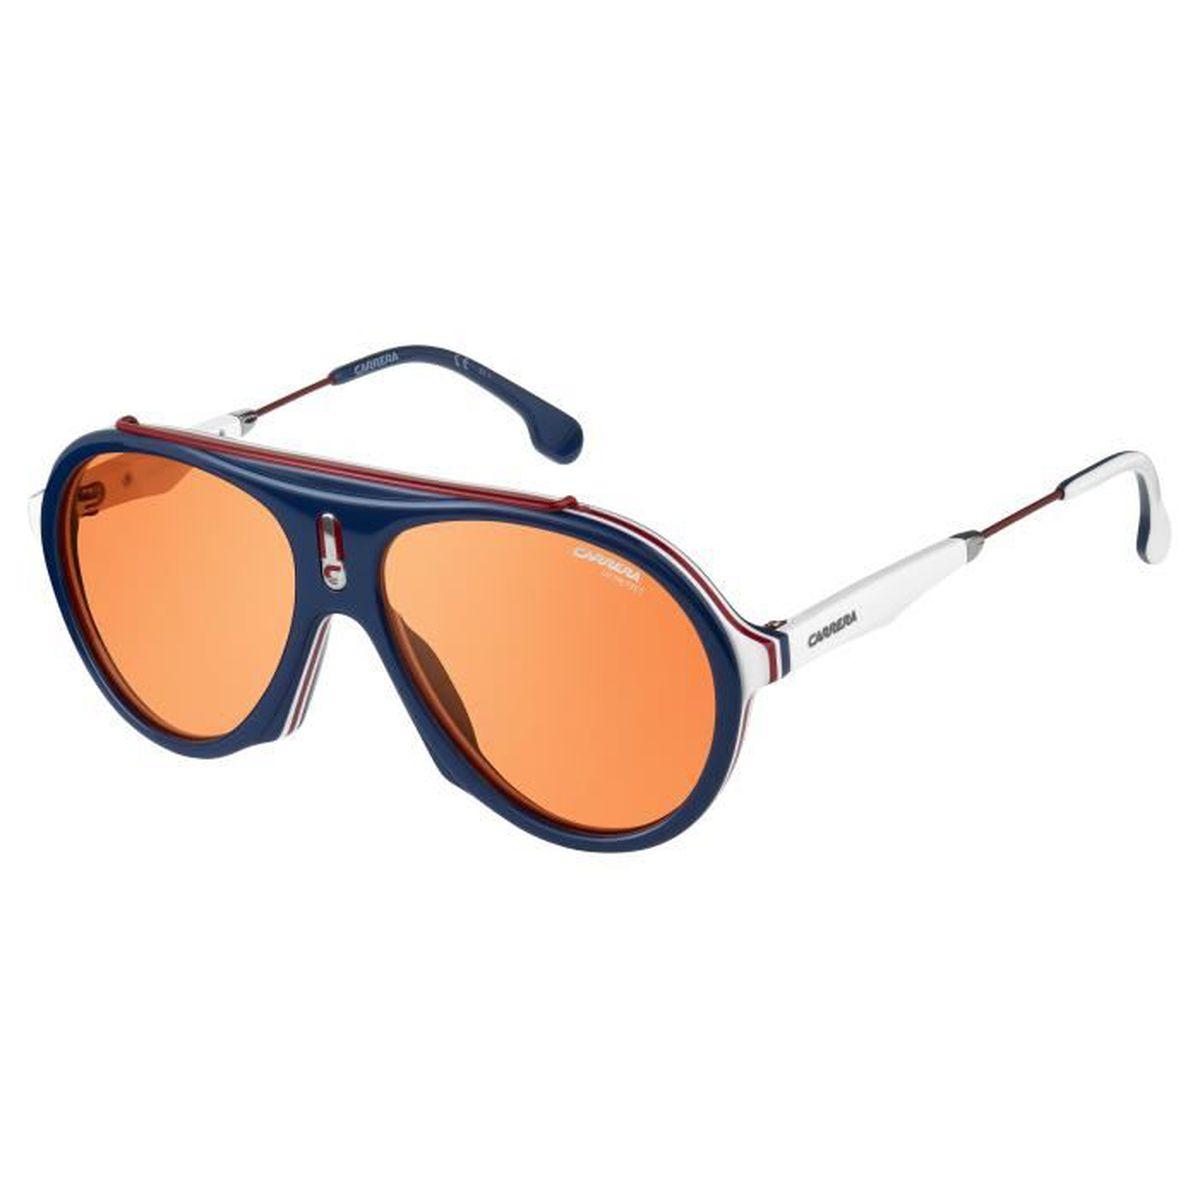 Soleil De Sole Carrera Lunettes 762753783325 Flag Orange POkZXiuTw